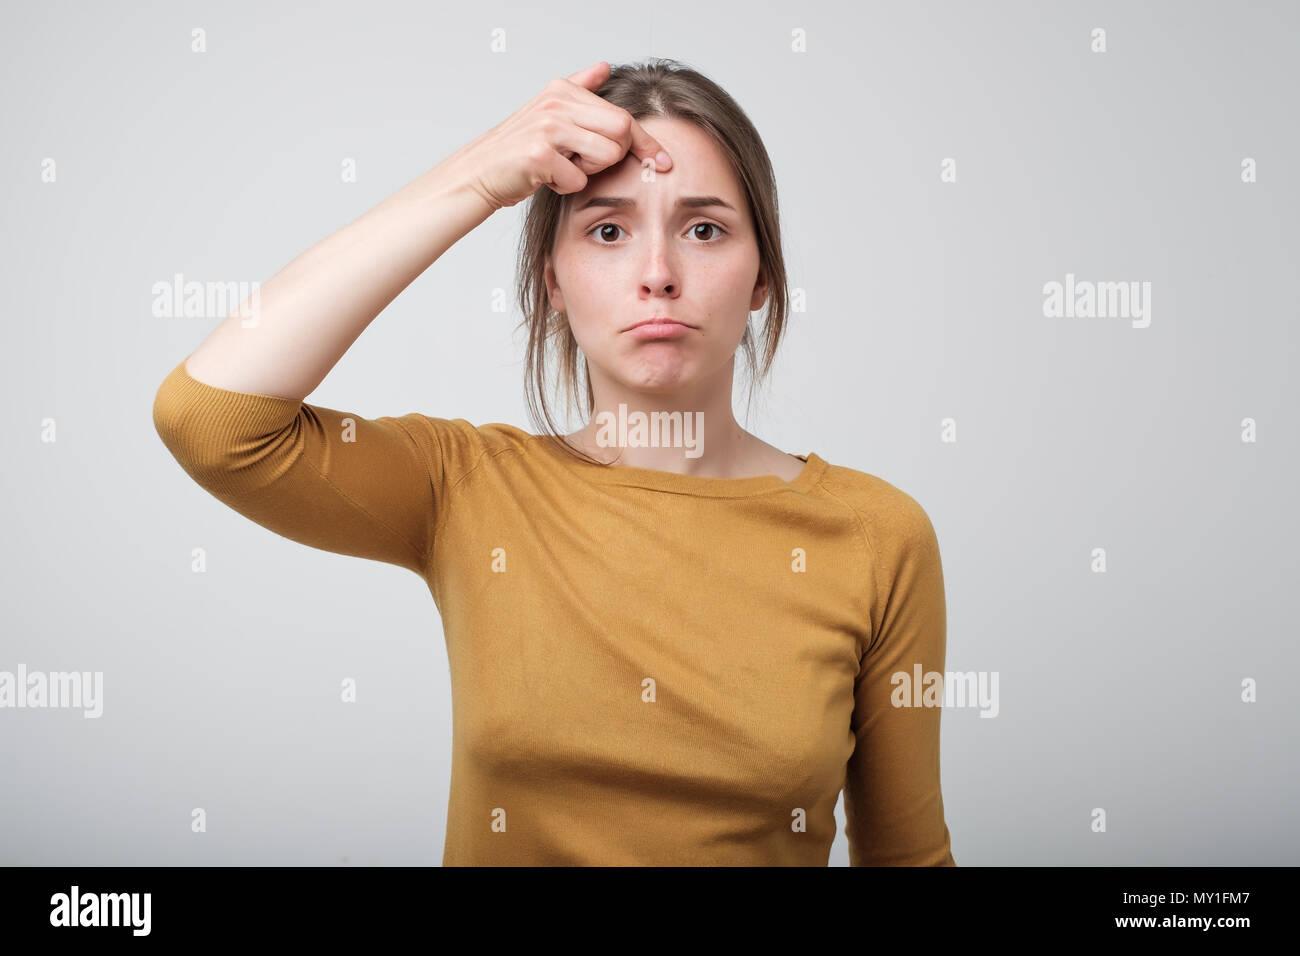 Junge enttäuscht Frau an der Kamera schaut. Stockfoto